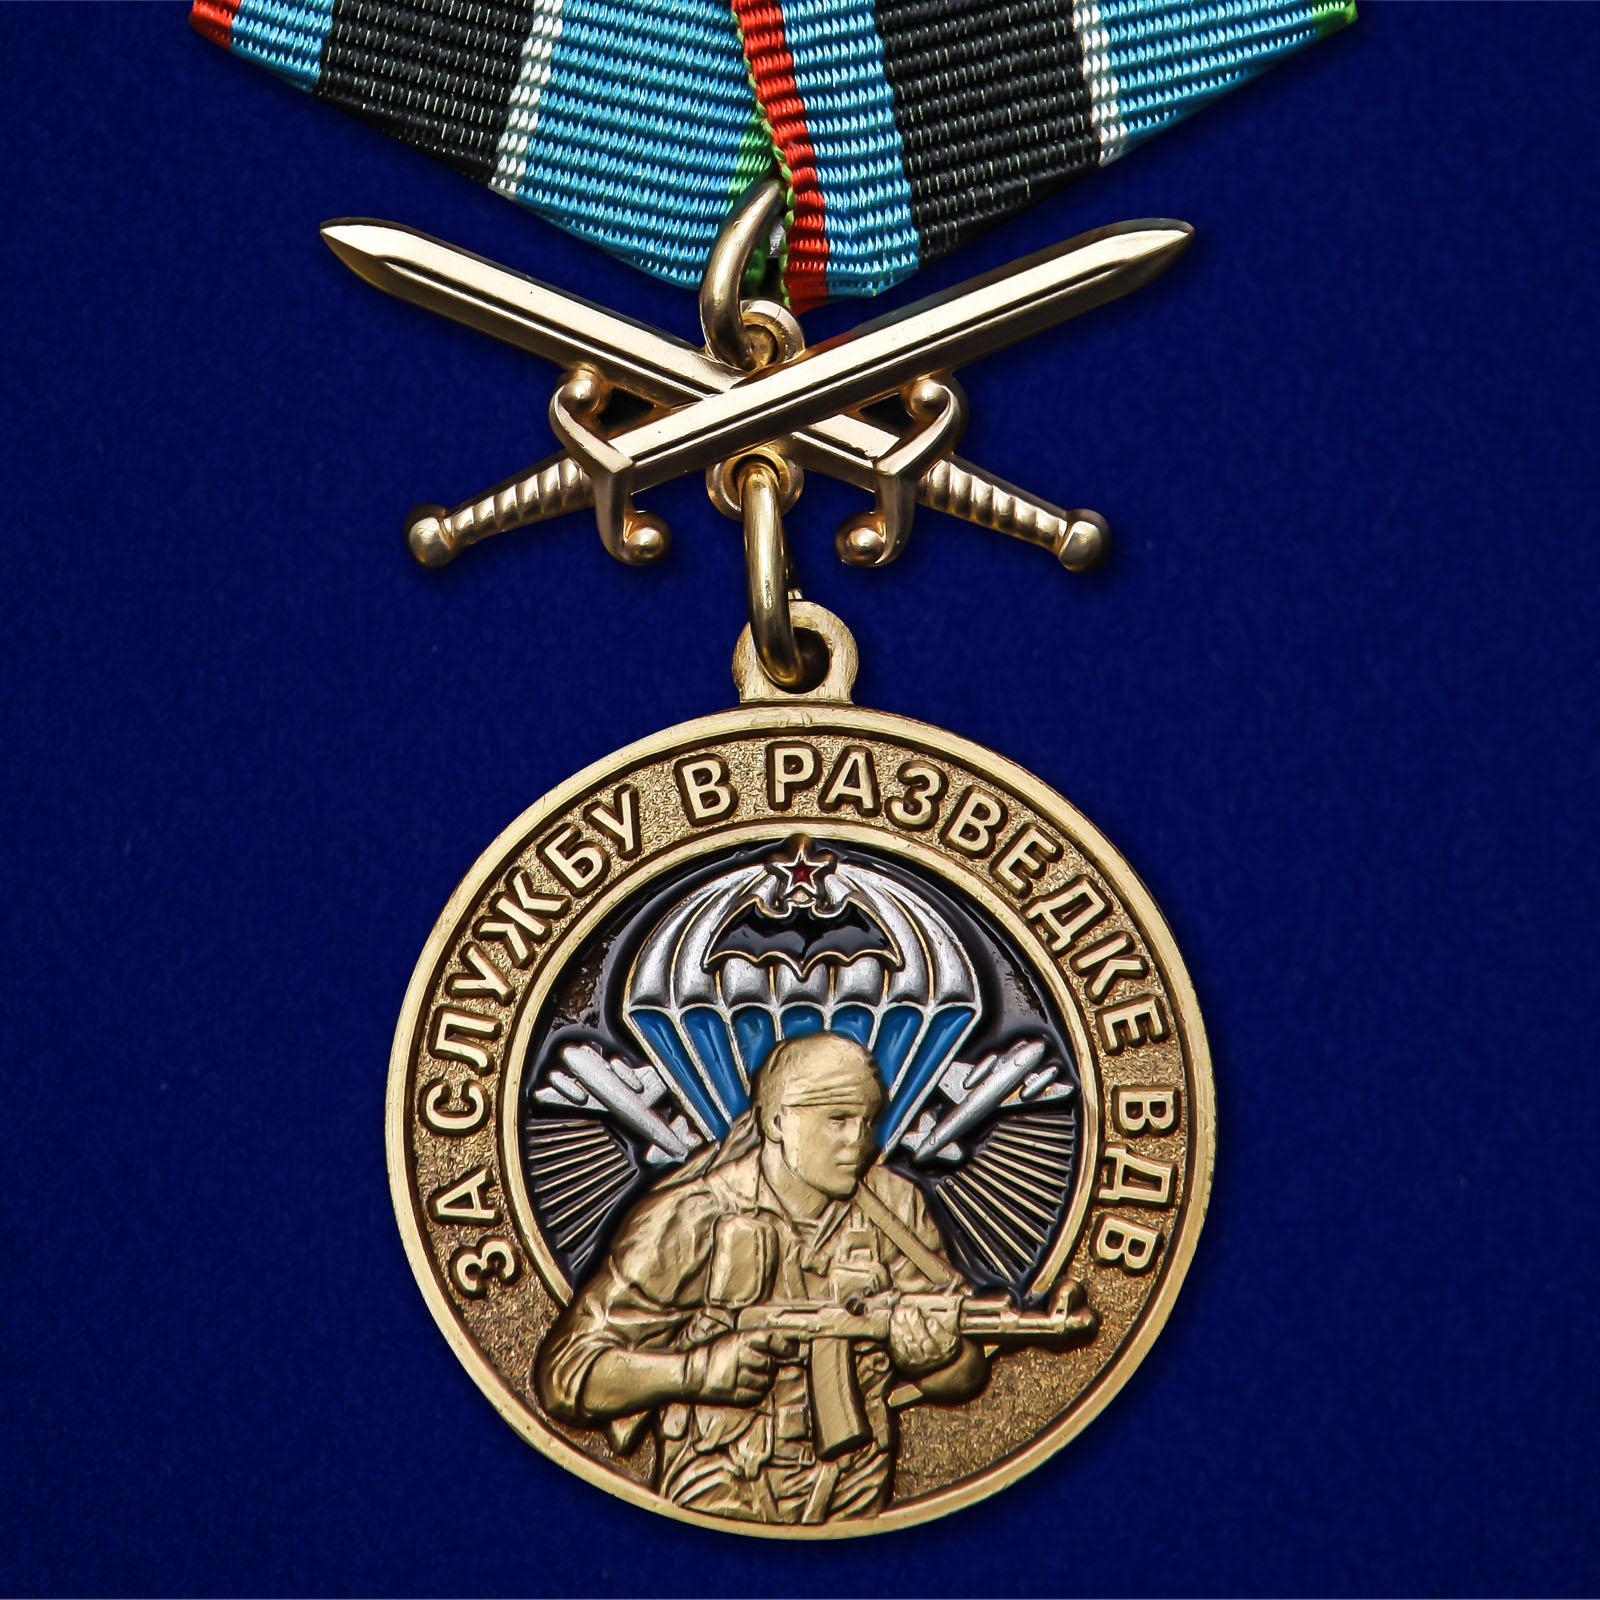 Купить медаль За службу в разведке ВДВ на подставке в подарок выгодно